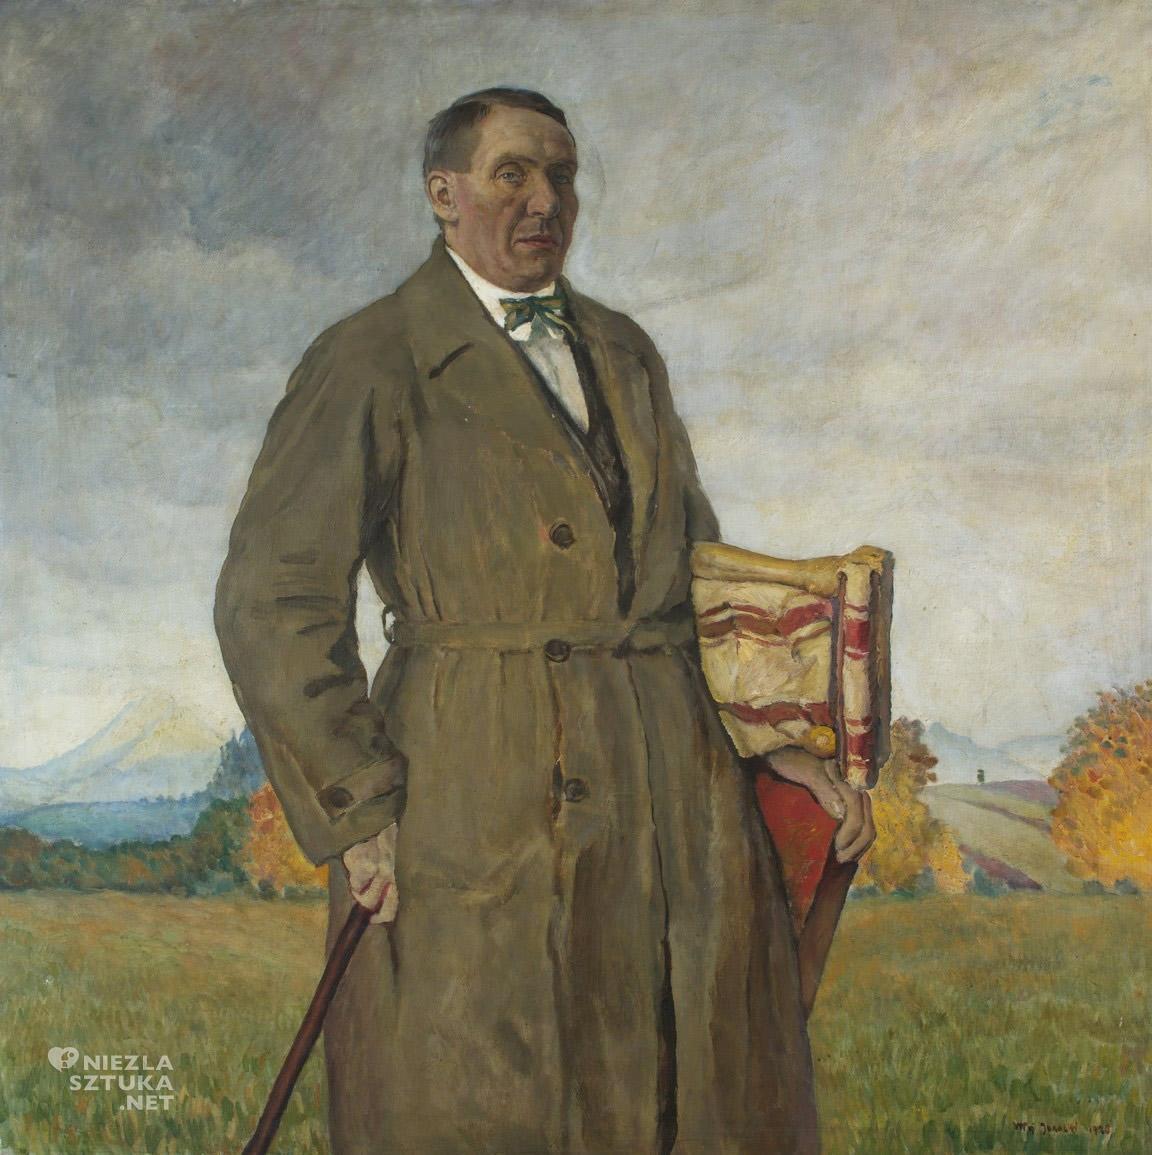 Władysław Jarocki, Portret Stanisława Kamockiego, sztuka polska, malarstwo polskie, Niezła Sztuka